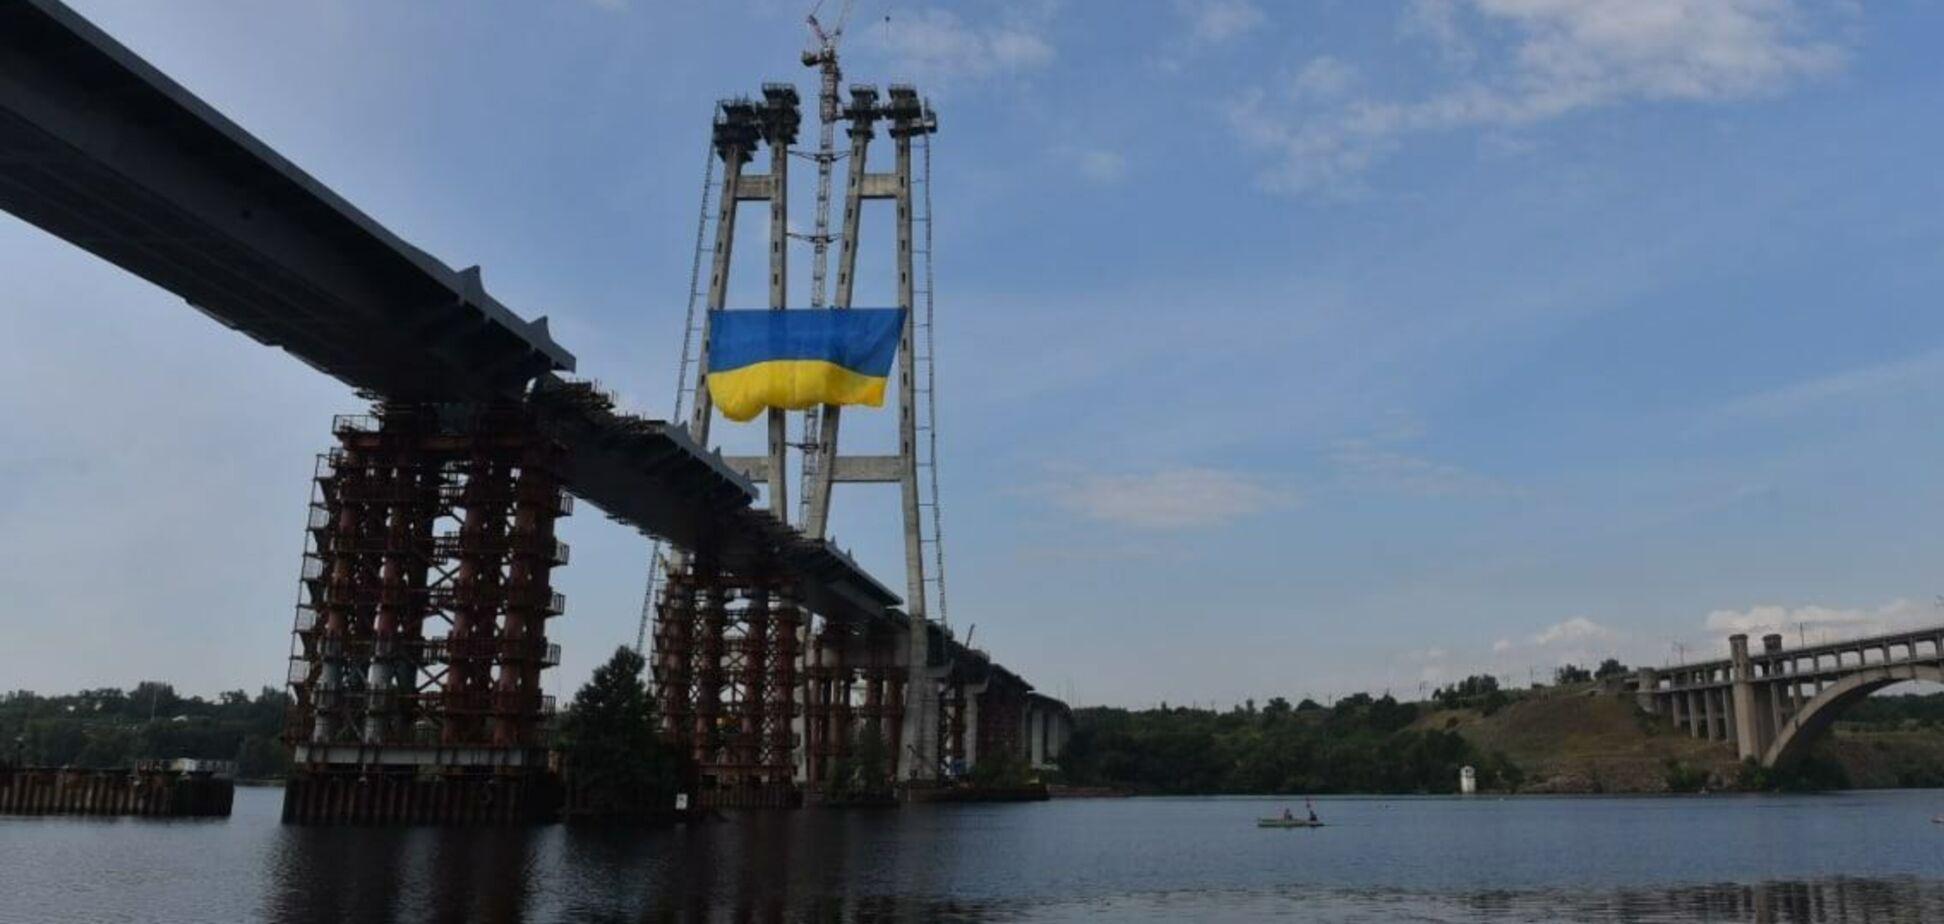 'Запоріжсталь' встановила прапор України на найвищій точці над Дніпром